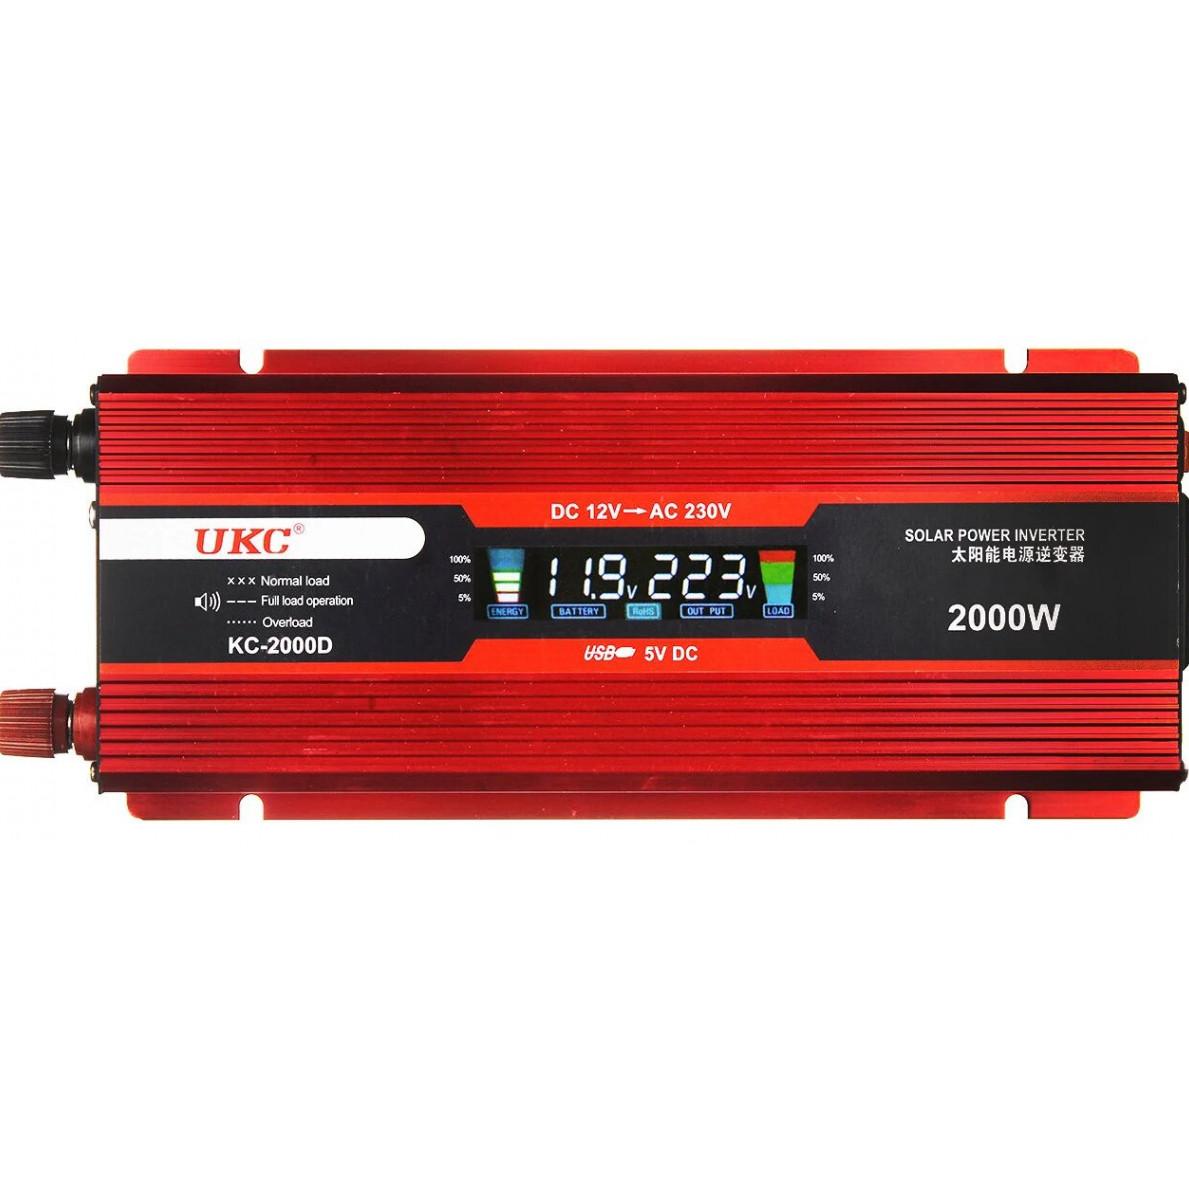 Преобразователь напряжения Ukc kc-2000D 2000W с Lcd дисплеем